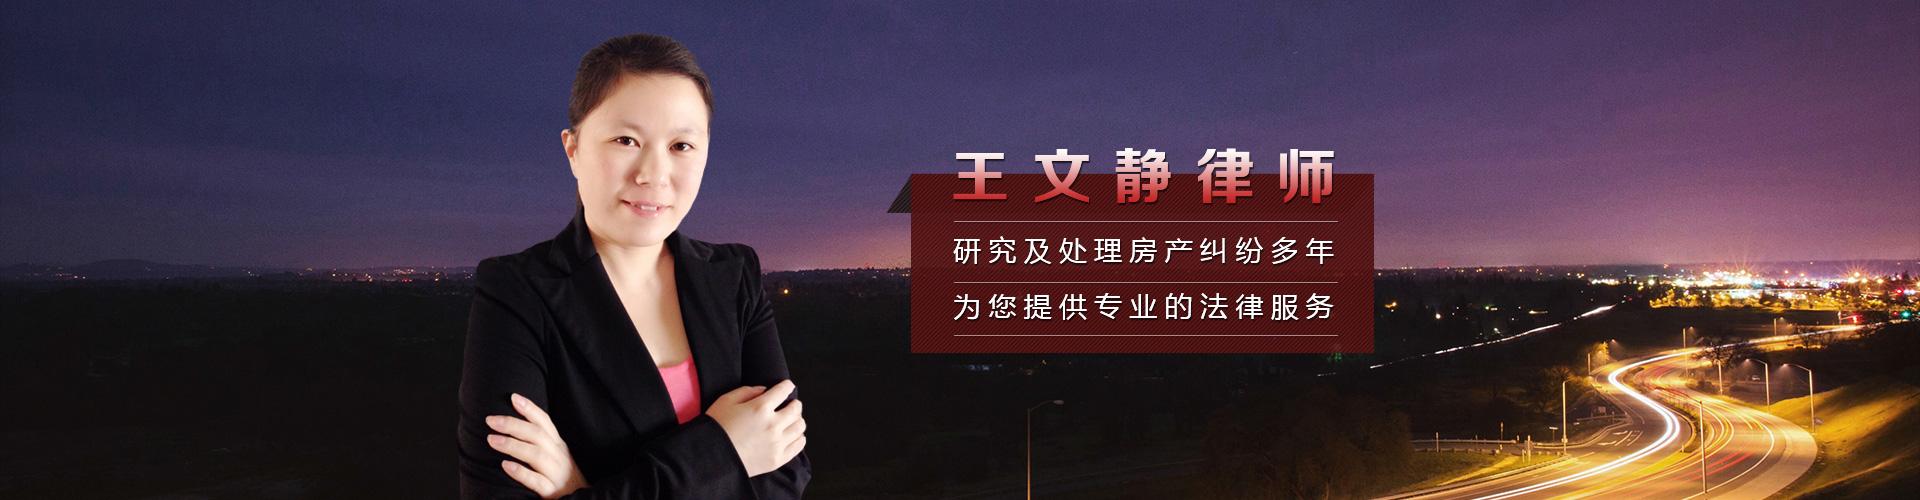 王文静房地产律师网